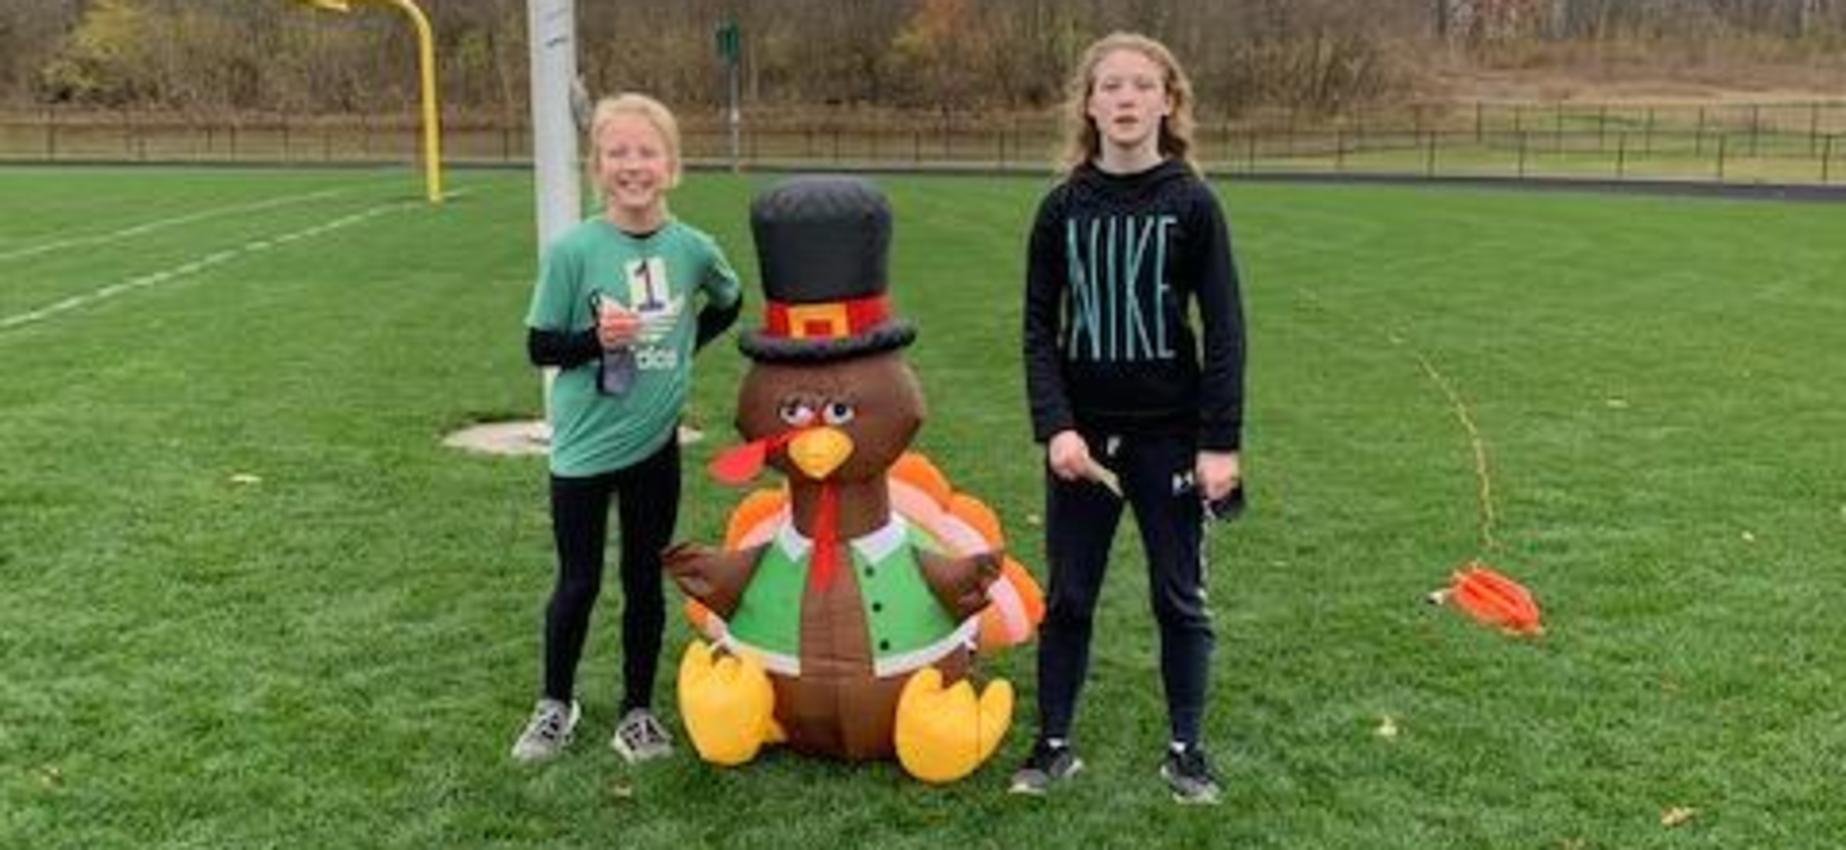 8th Grade Turkey Trot Winners